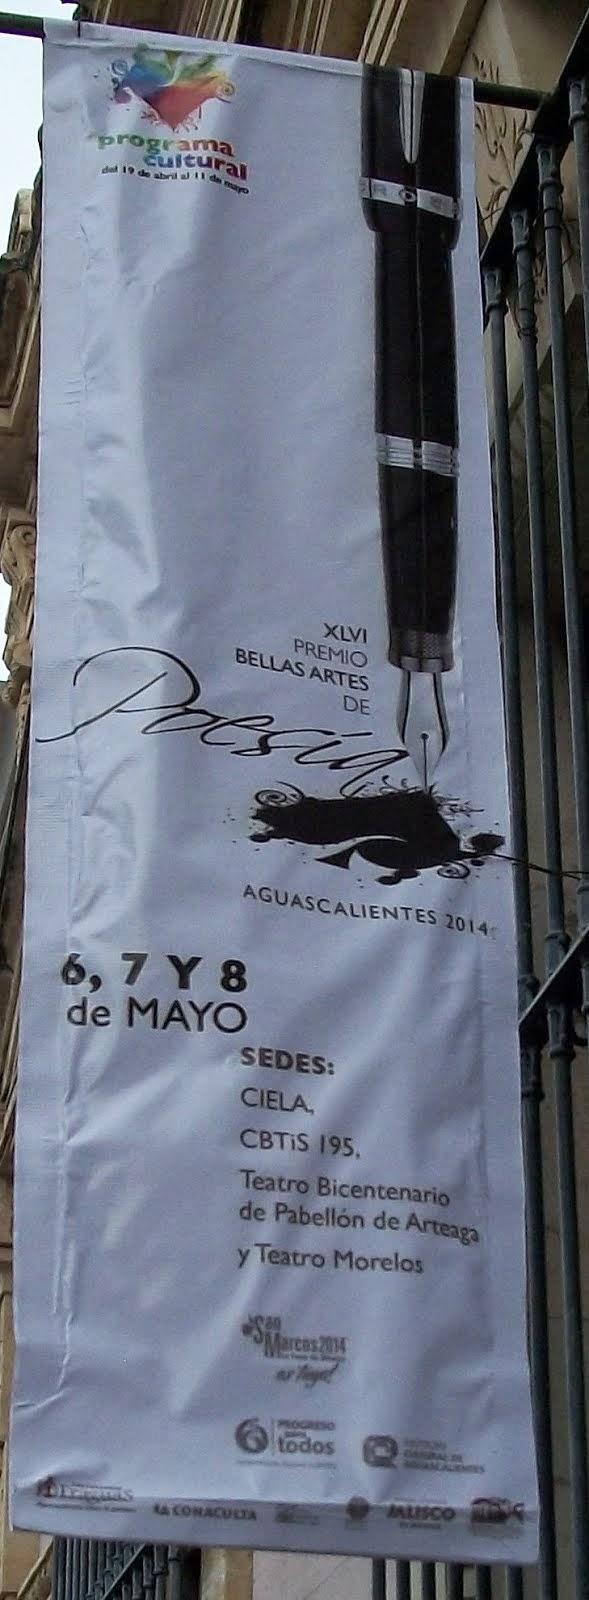 XLVI Premio Bellas Artes de Poesía Aguascalientes